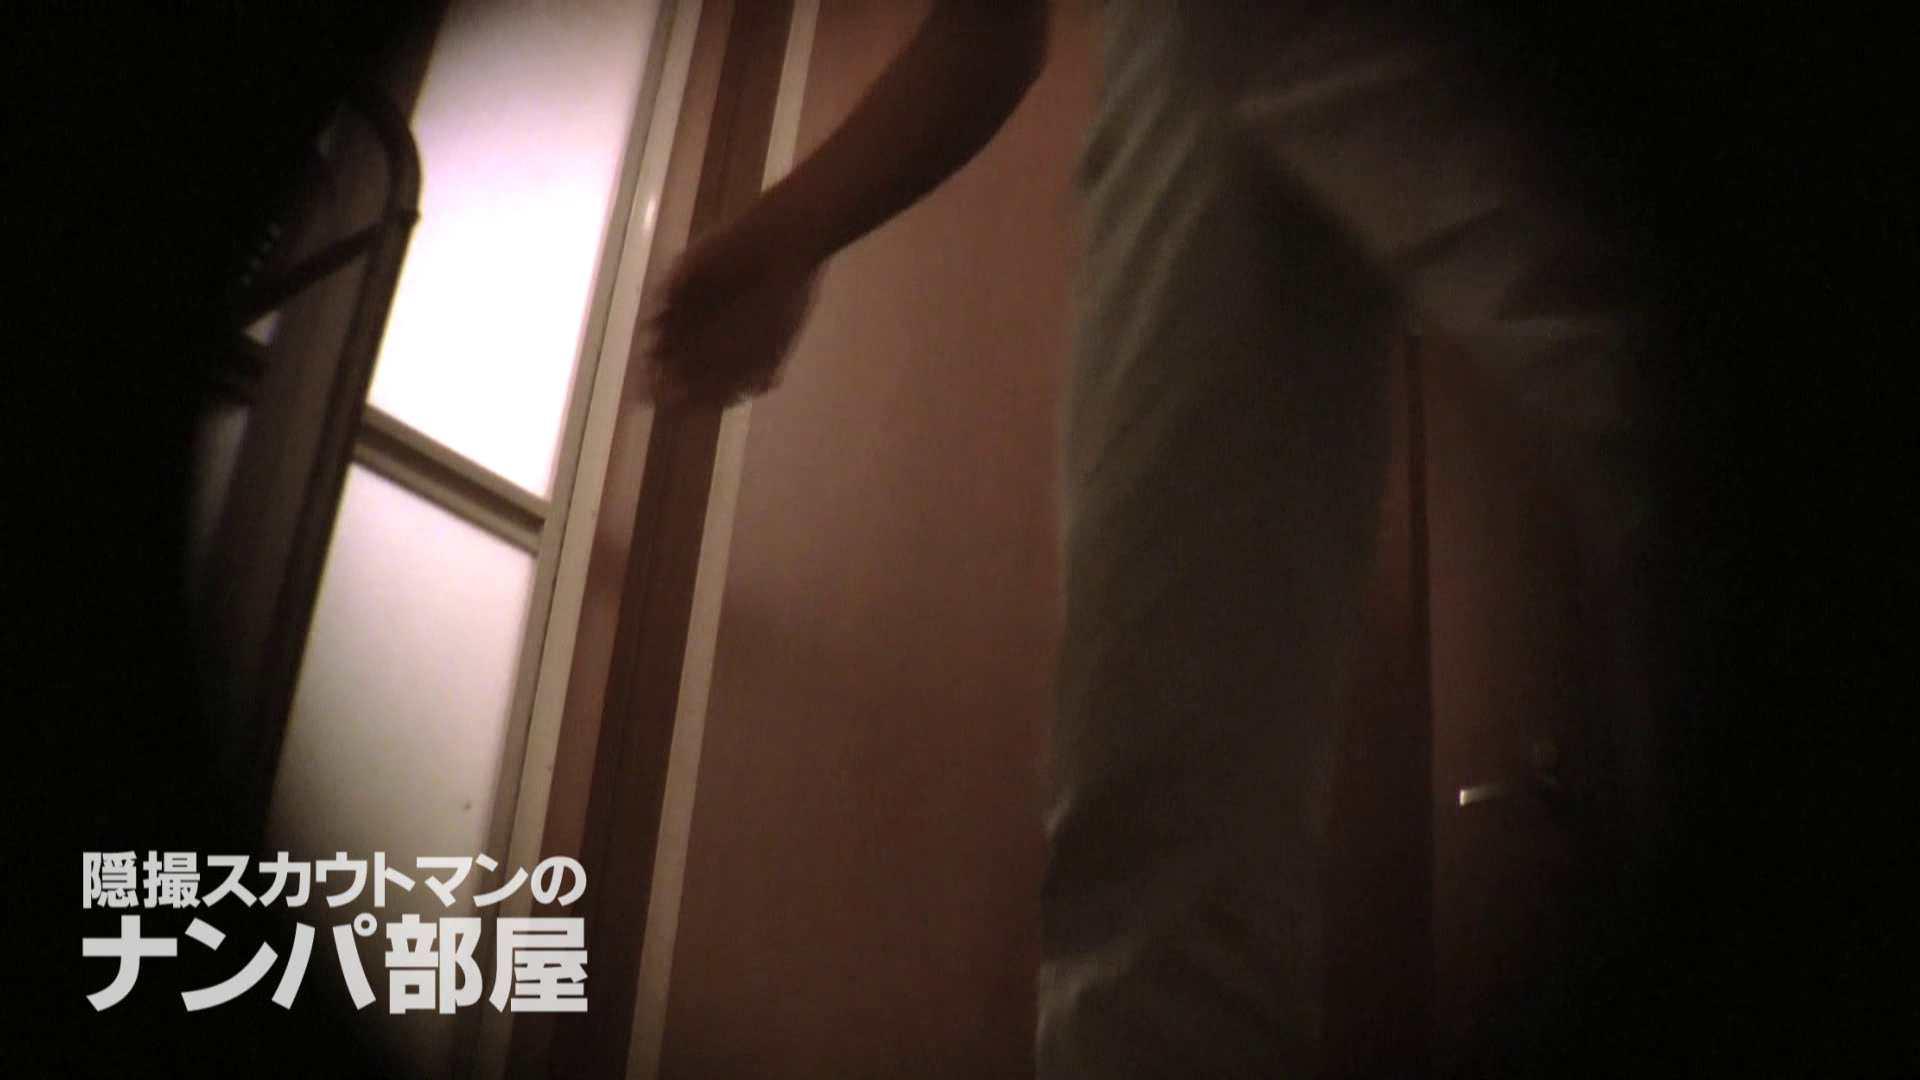 隠撮スカウトマンのナンパ部屋~風俗デビュー前のつまみ食い~ sii 隠撮   ナンパ  98pic 43